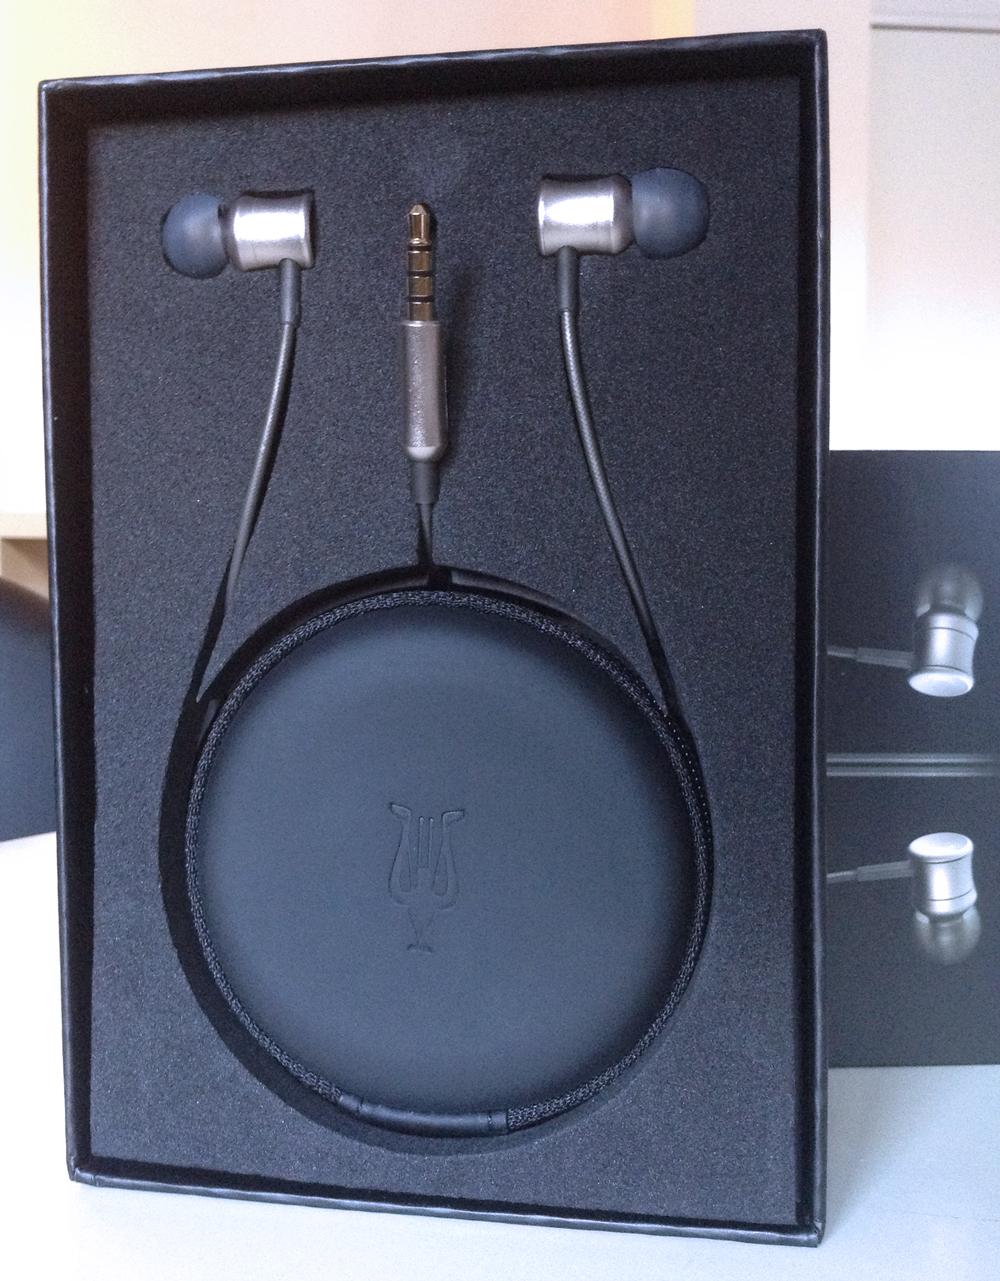 Déballage des écouteurs Meze Neo 11: le sac de transport et les écouteurs intra-auriculaires s'allient pour former le logo de la marque.